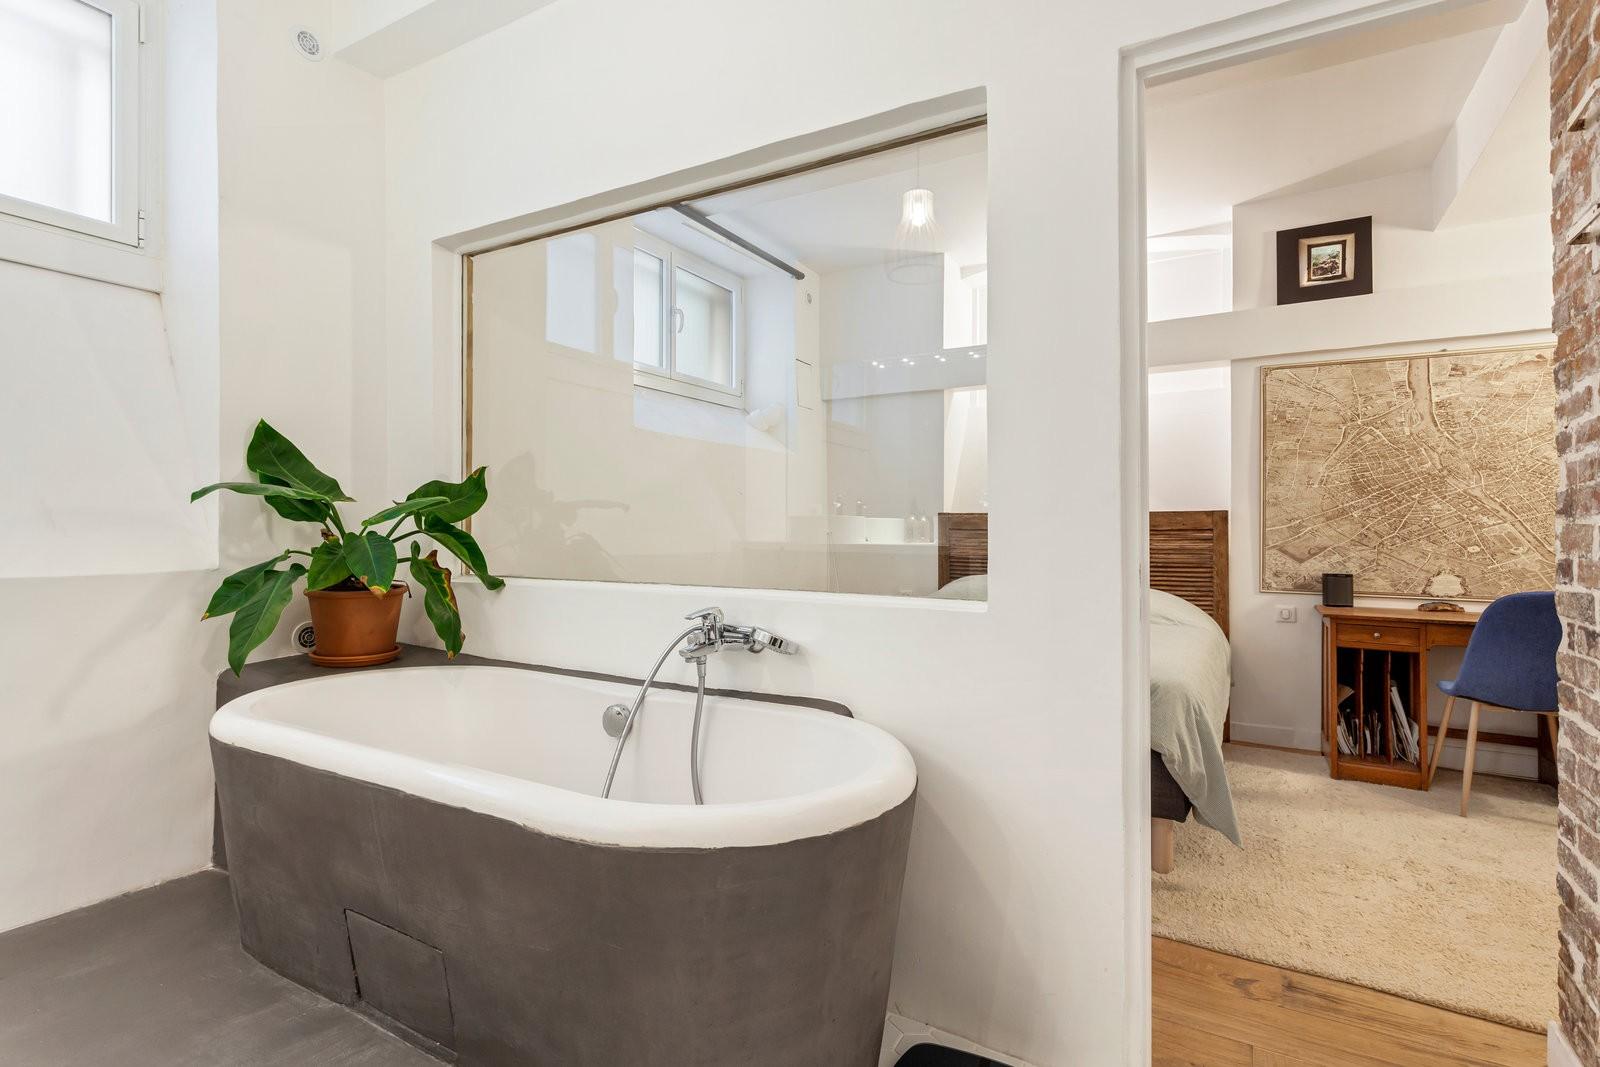 Une baignoire, couverte en extérieur de plâtre gris. Elle se situe contre un mur qui possède une vitre donnant sur la chambre.